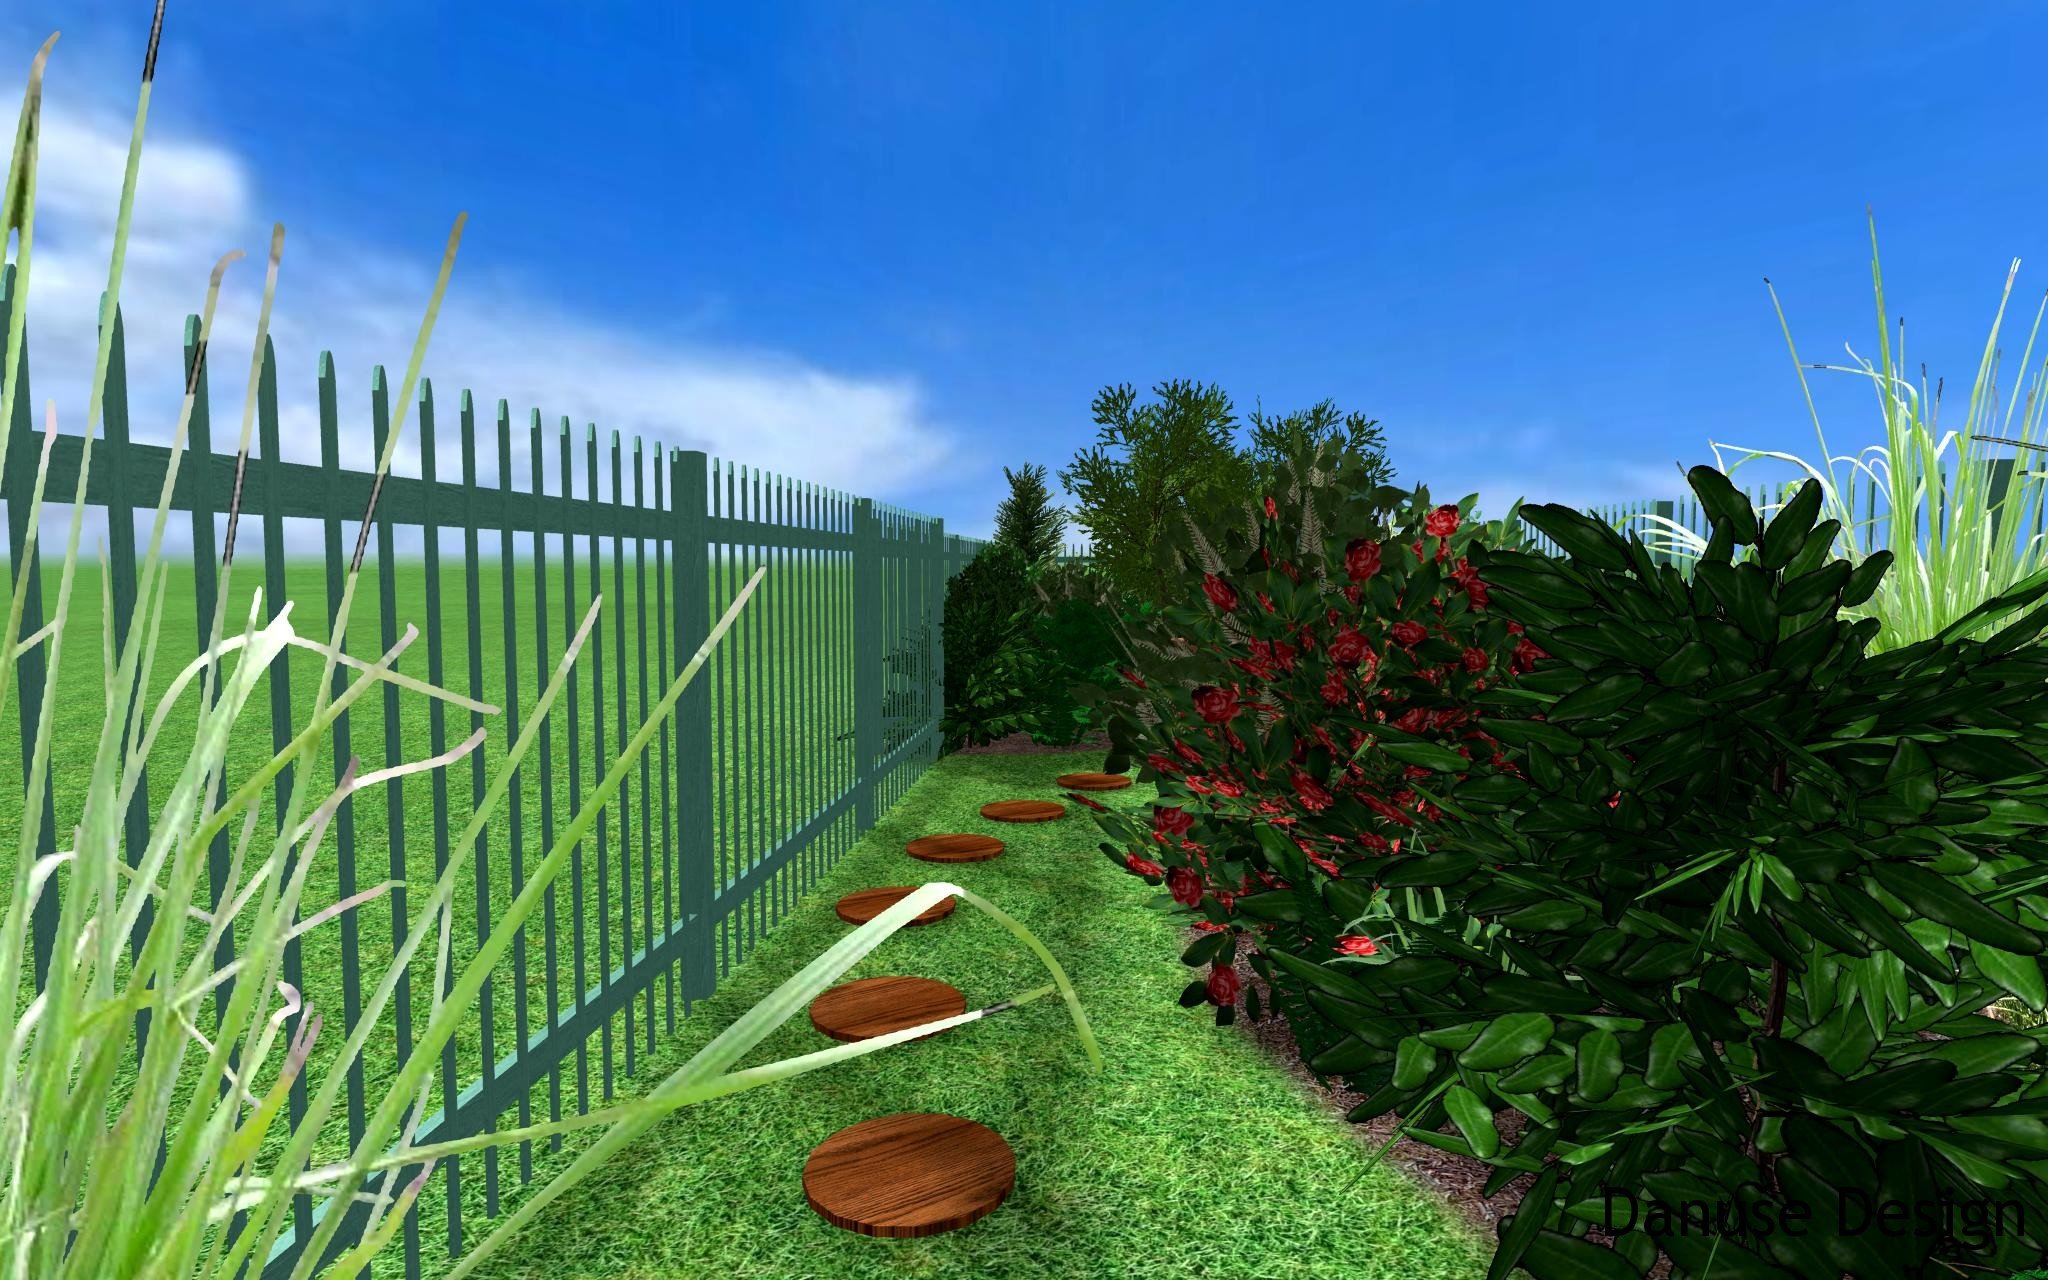 Zahrada s podzemní nádrží22